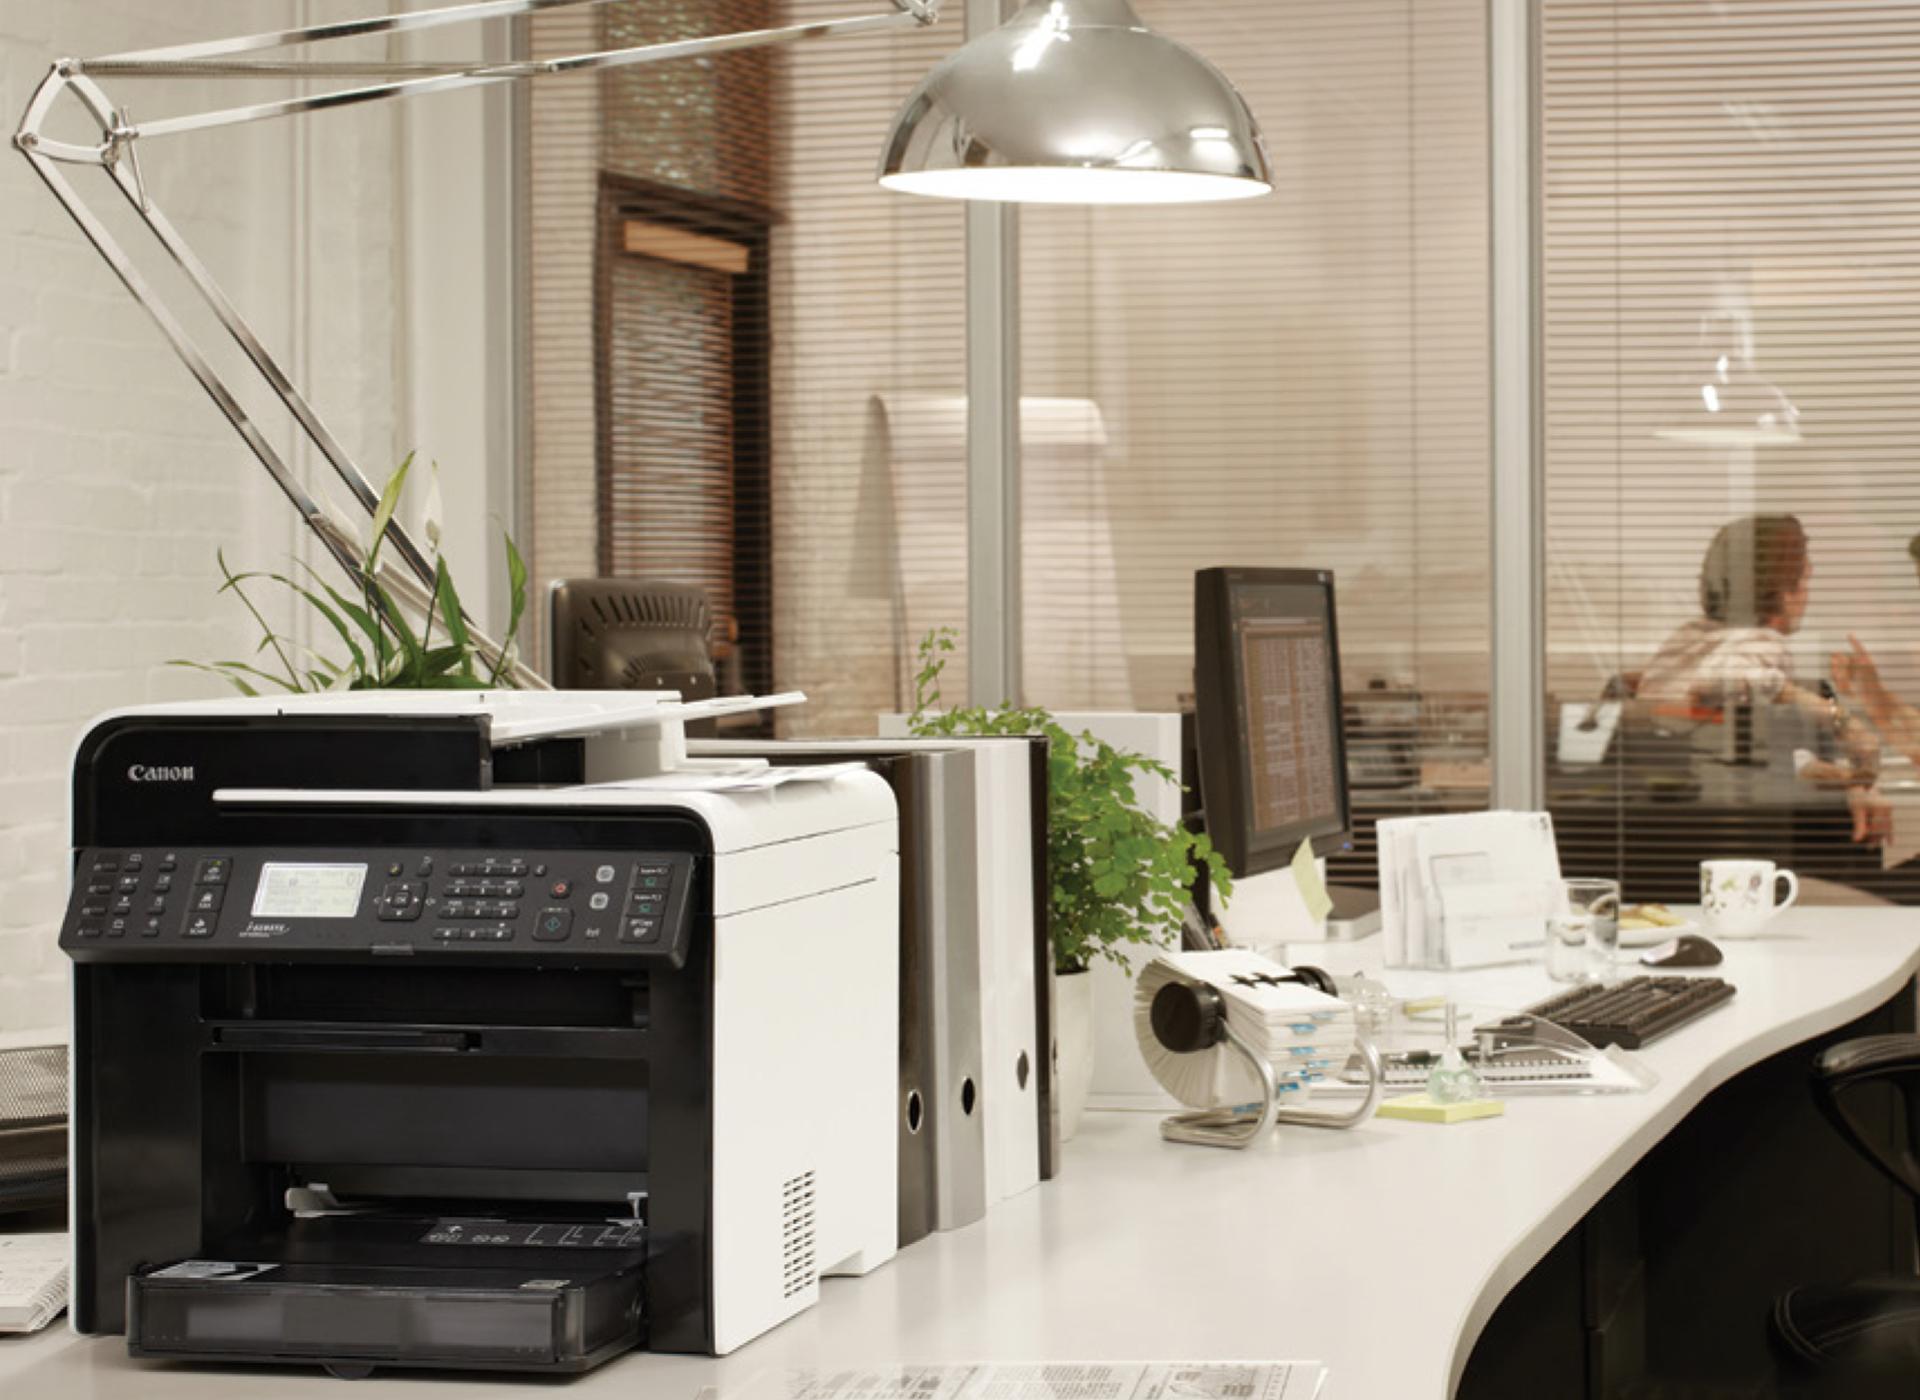 Офис в стиле Canon. Обзор устройств и решений для бизнеса - 2